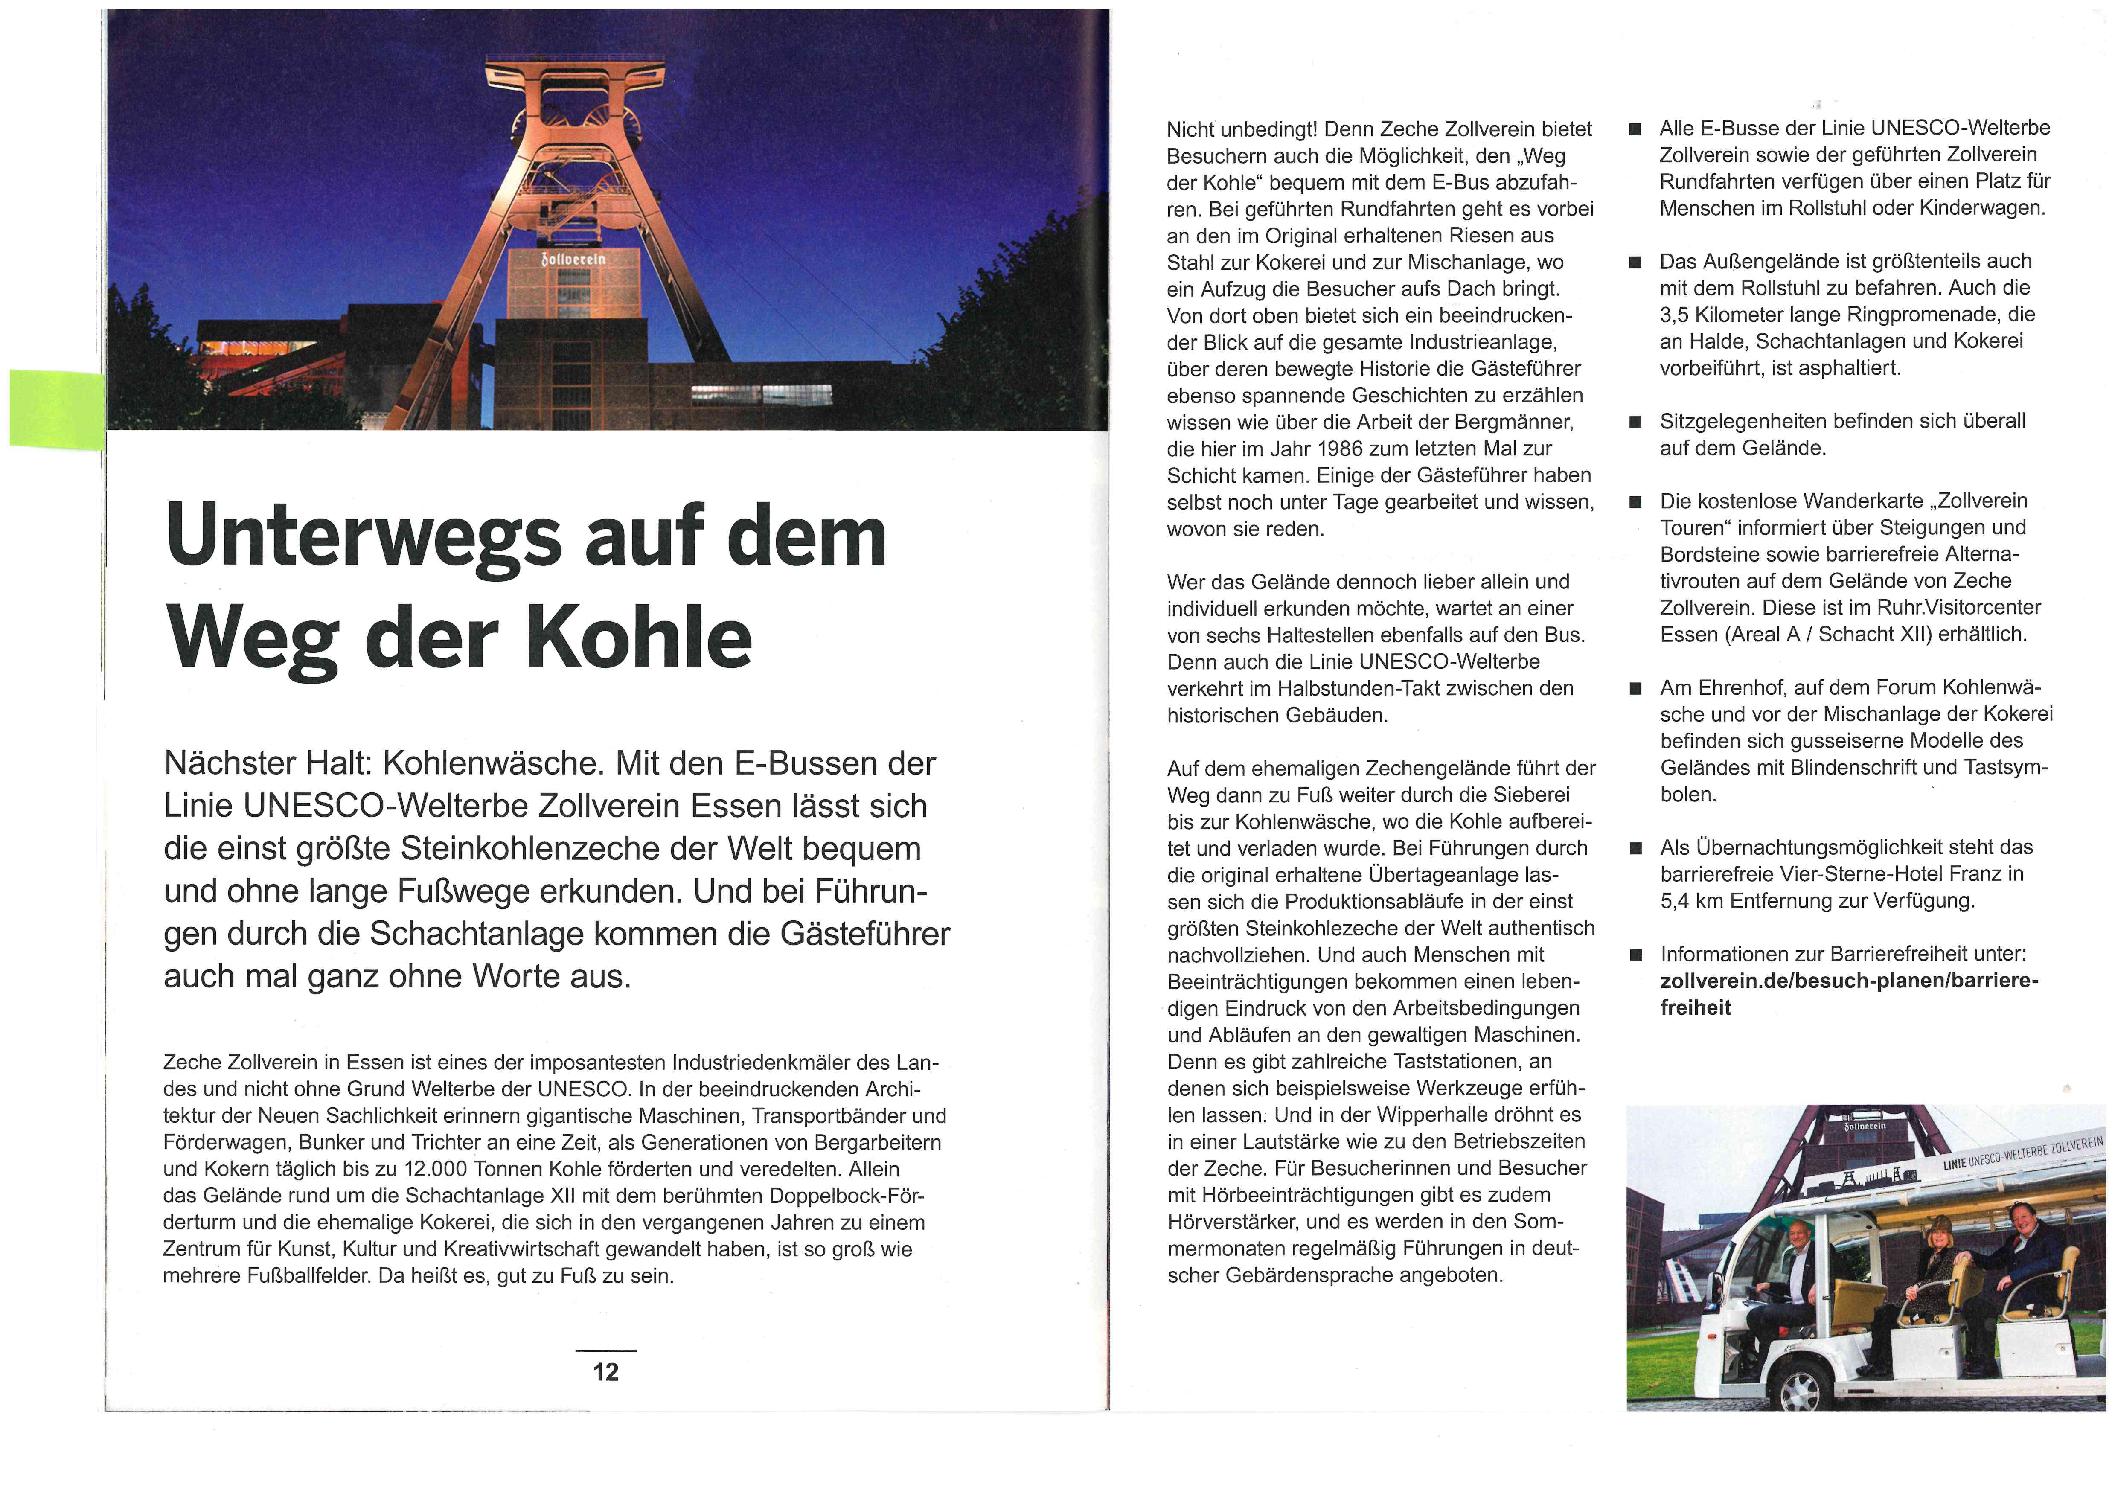 Artikel über die Zeche Zollverein und den Linienfahrten